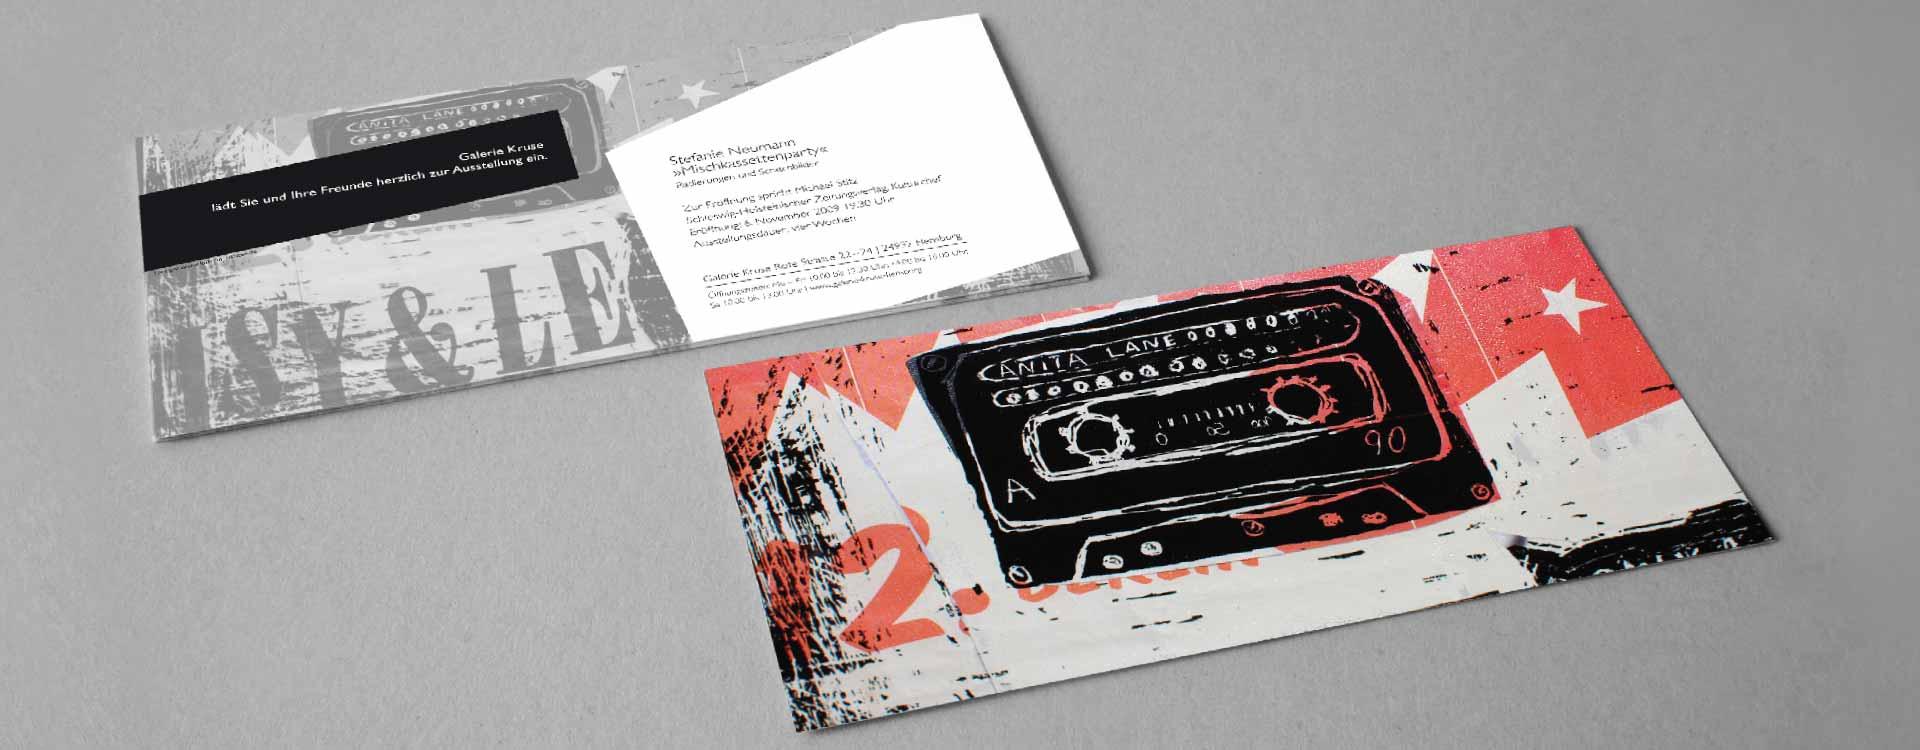 Einladungskarte zur Einzelausstellung von Stefanie Neumann in der Galerie Kruse, Flensburg; Design: Kattrin Richter |Büro für Grafikdesign